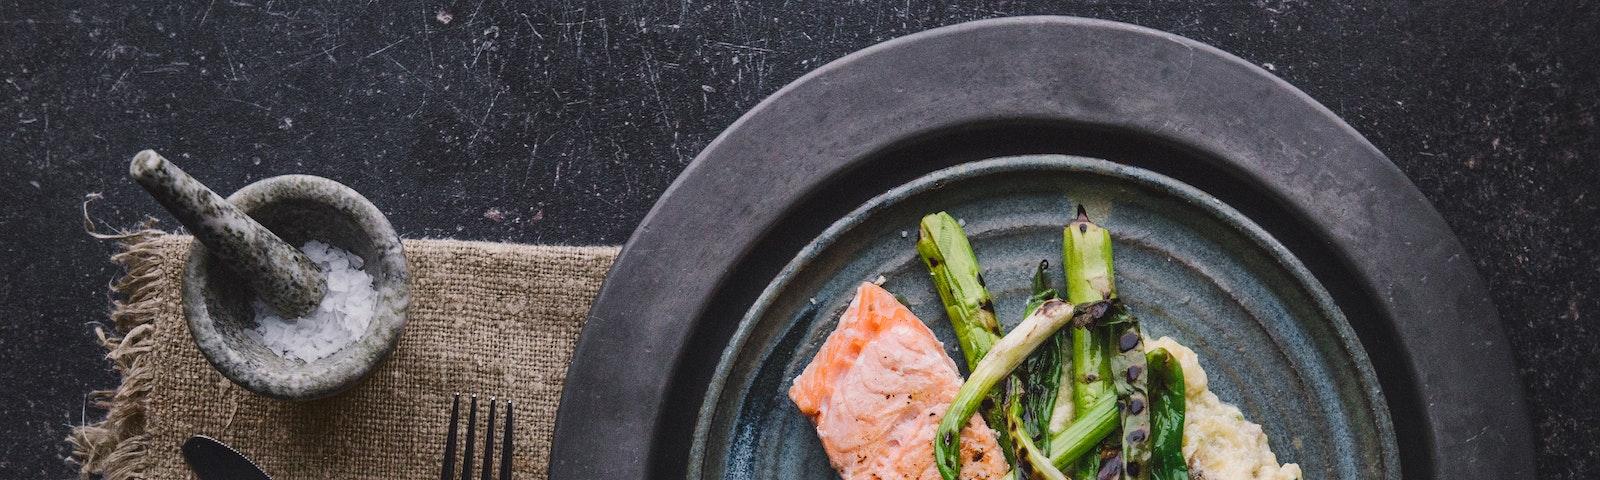 Grillet laks med kartoffelmos og asparges